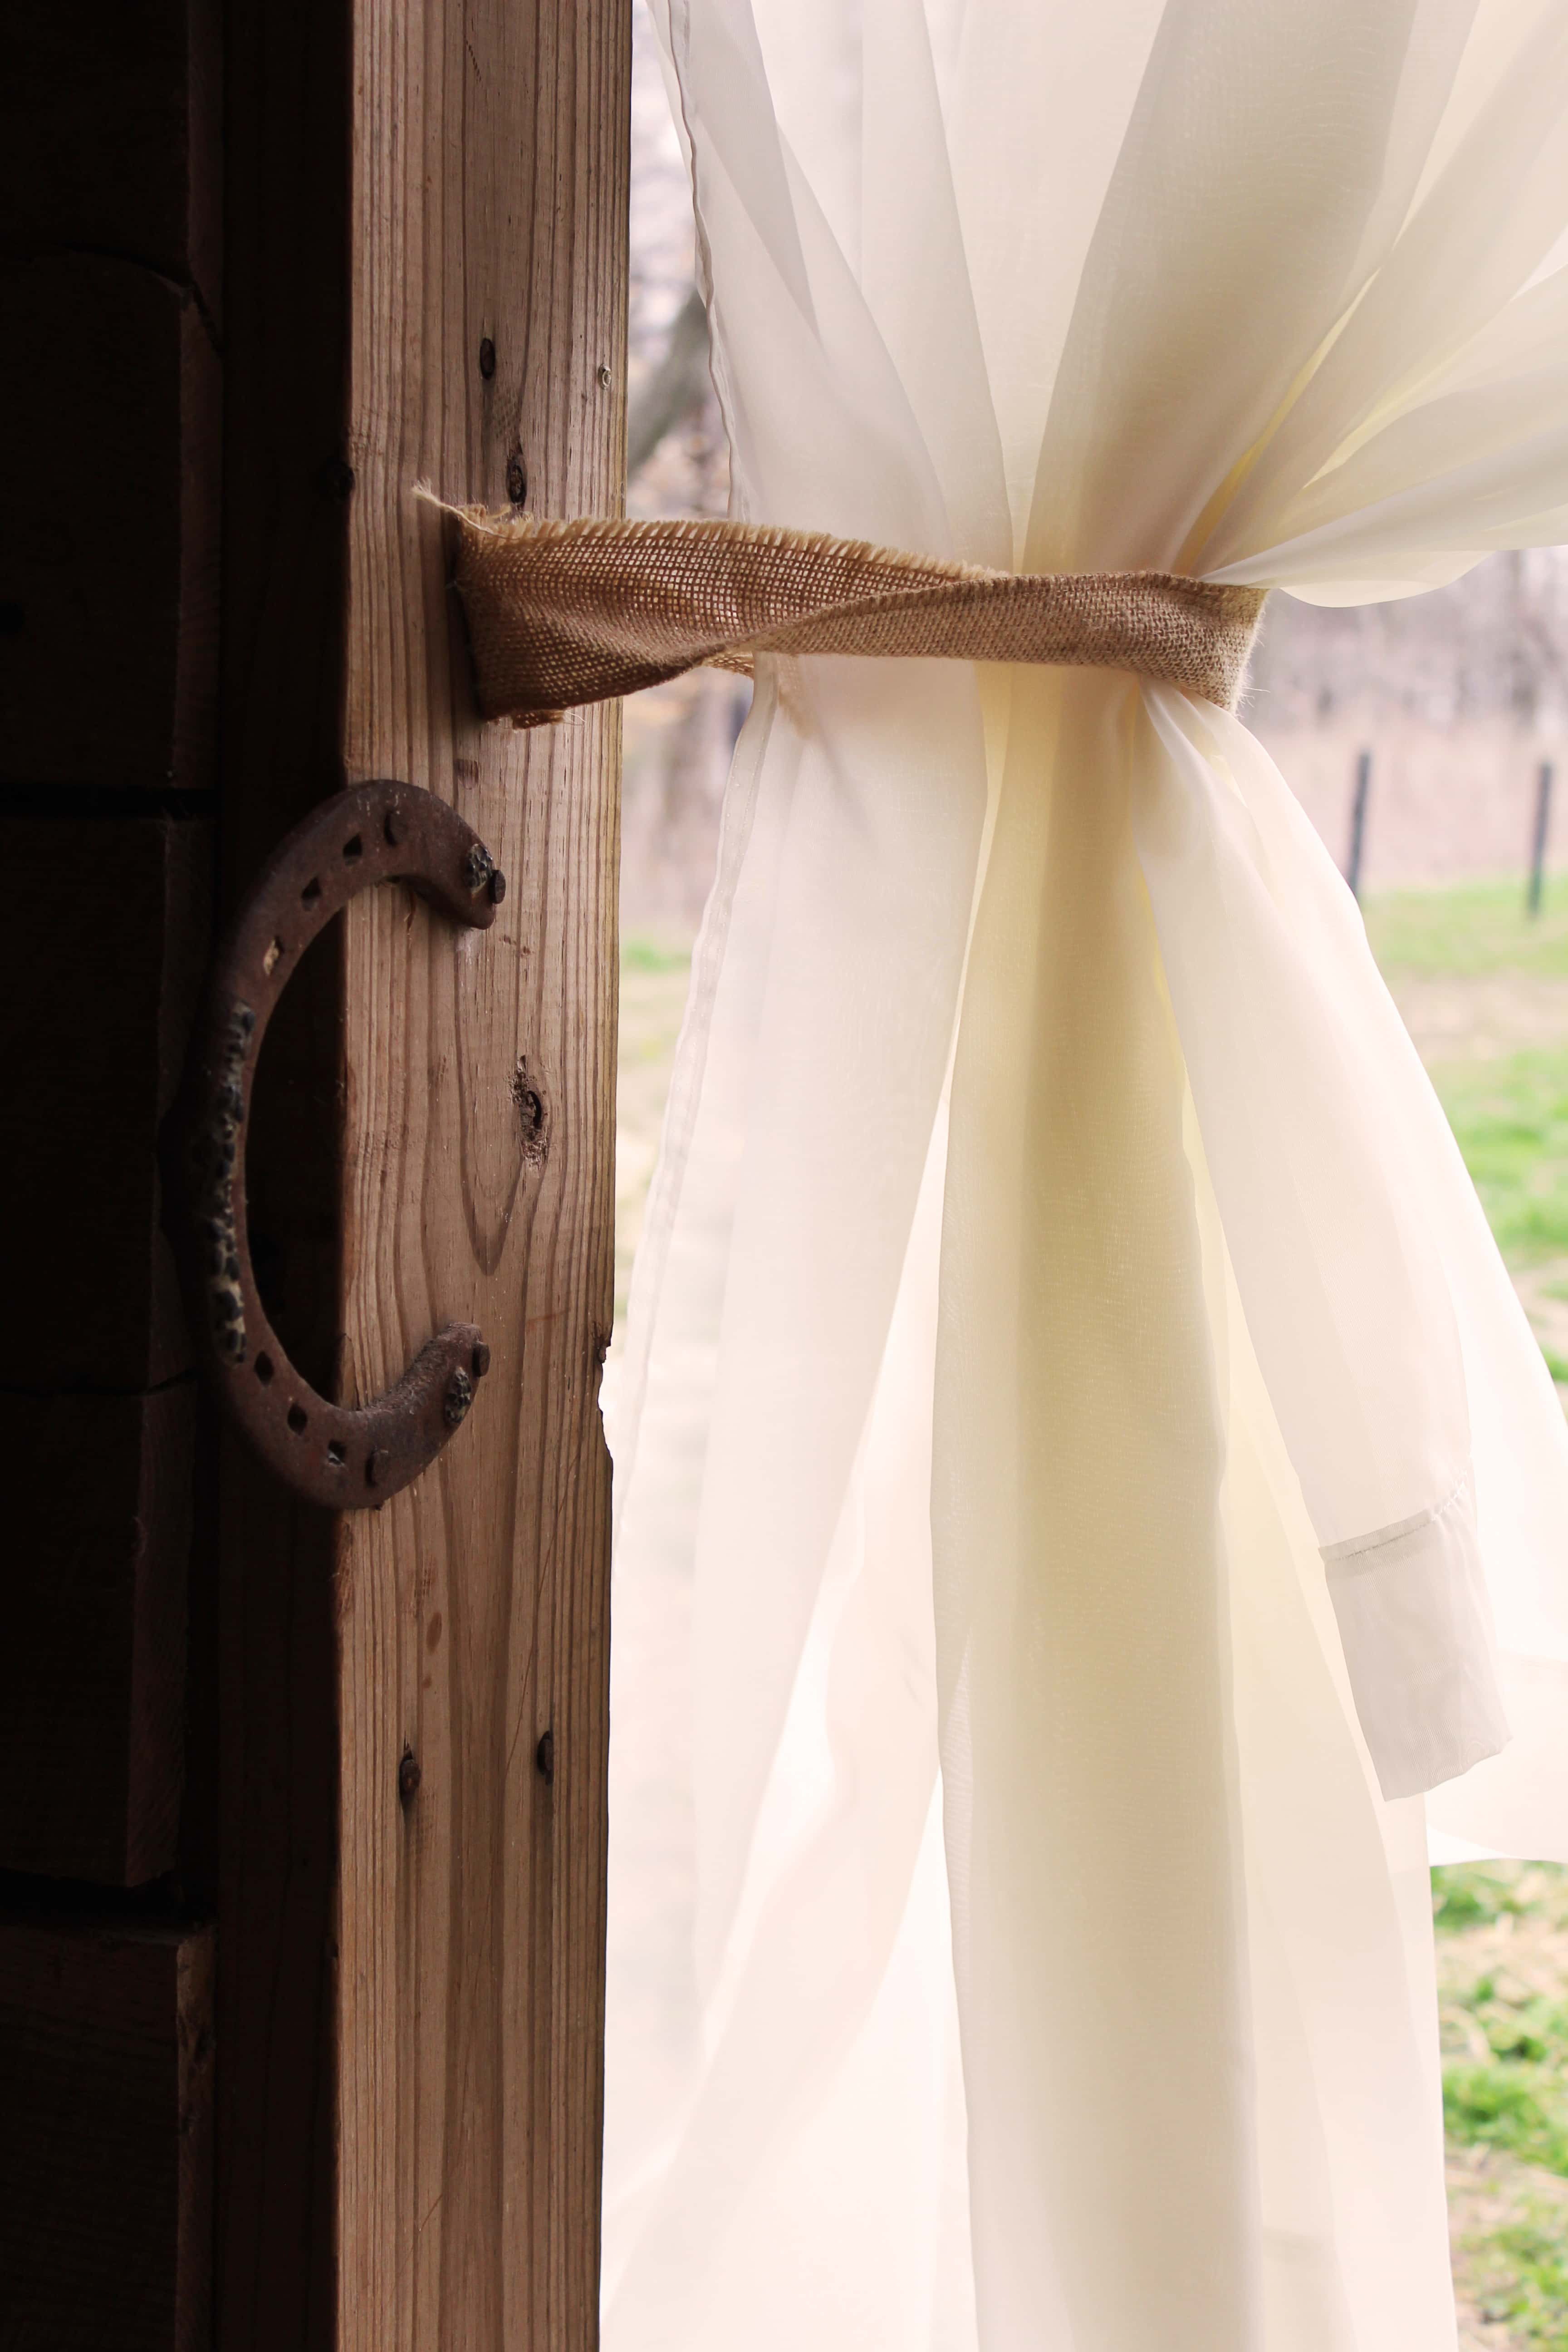 curtain and horseshoe